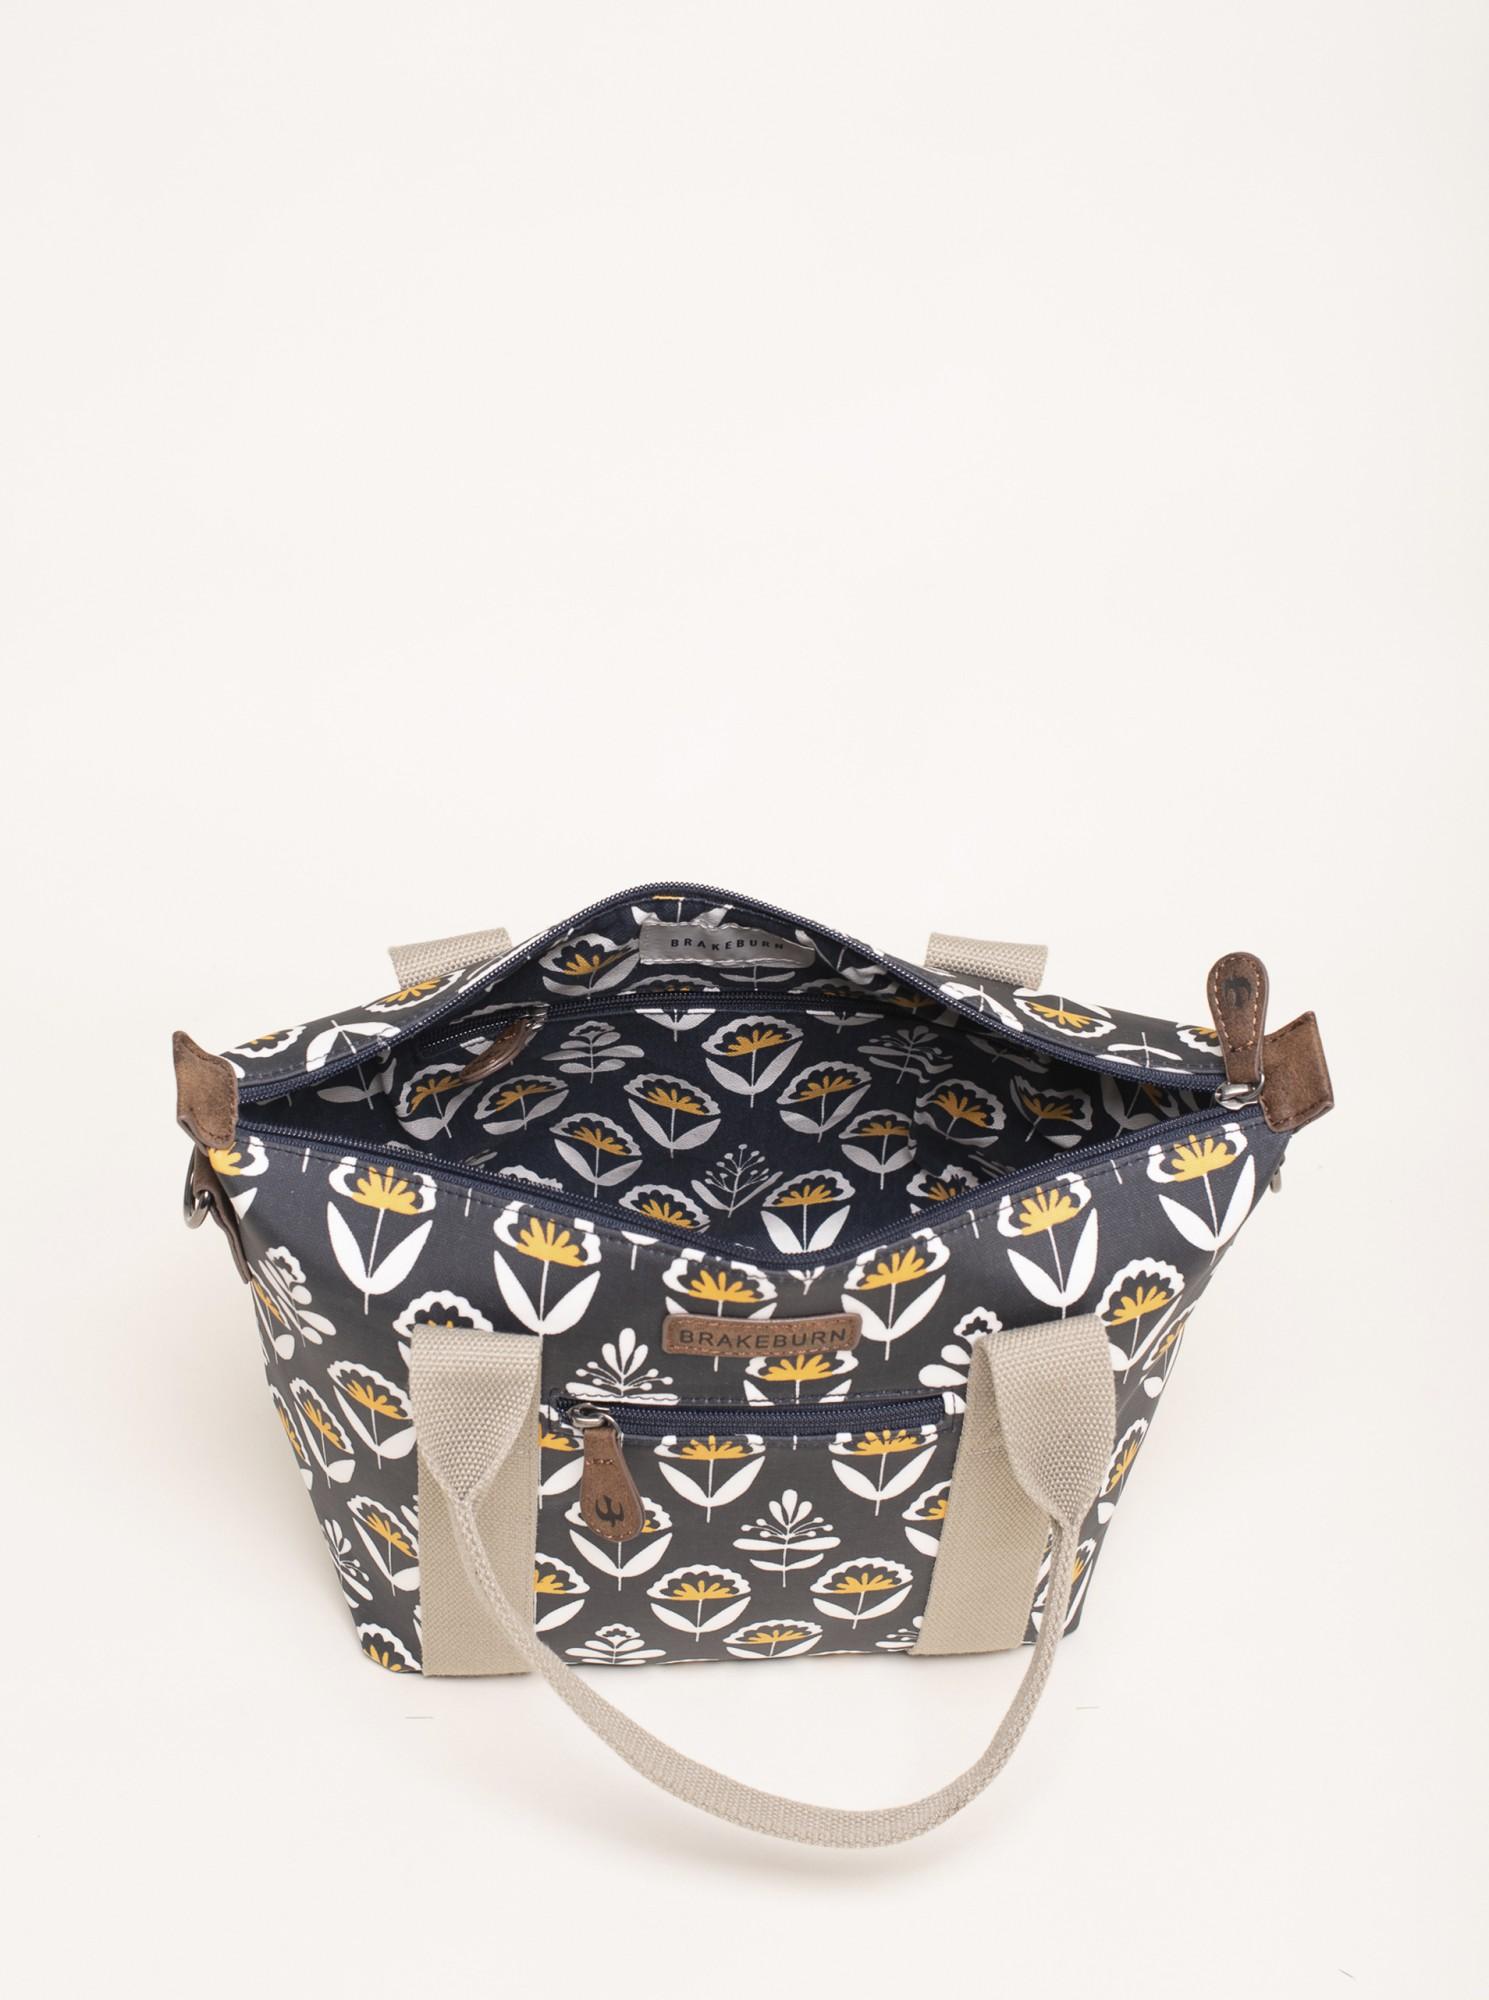 Brakeburn bag